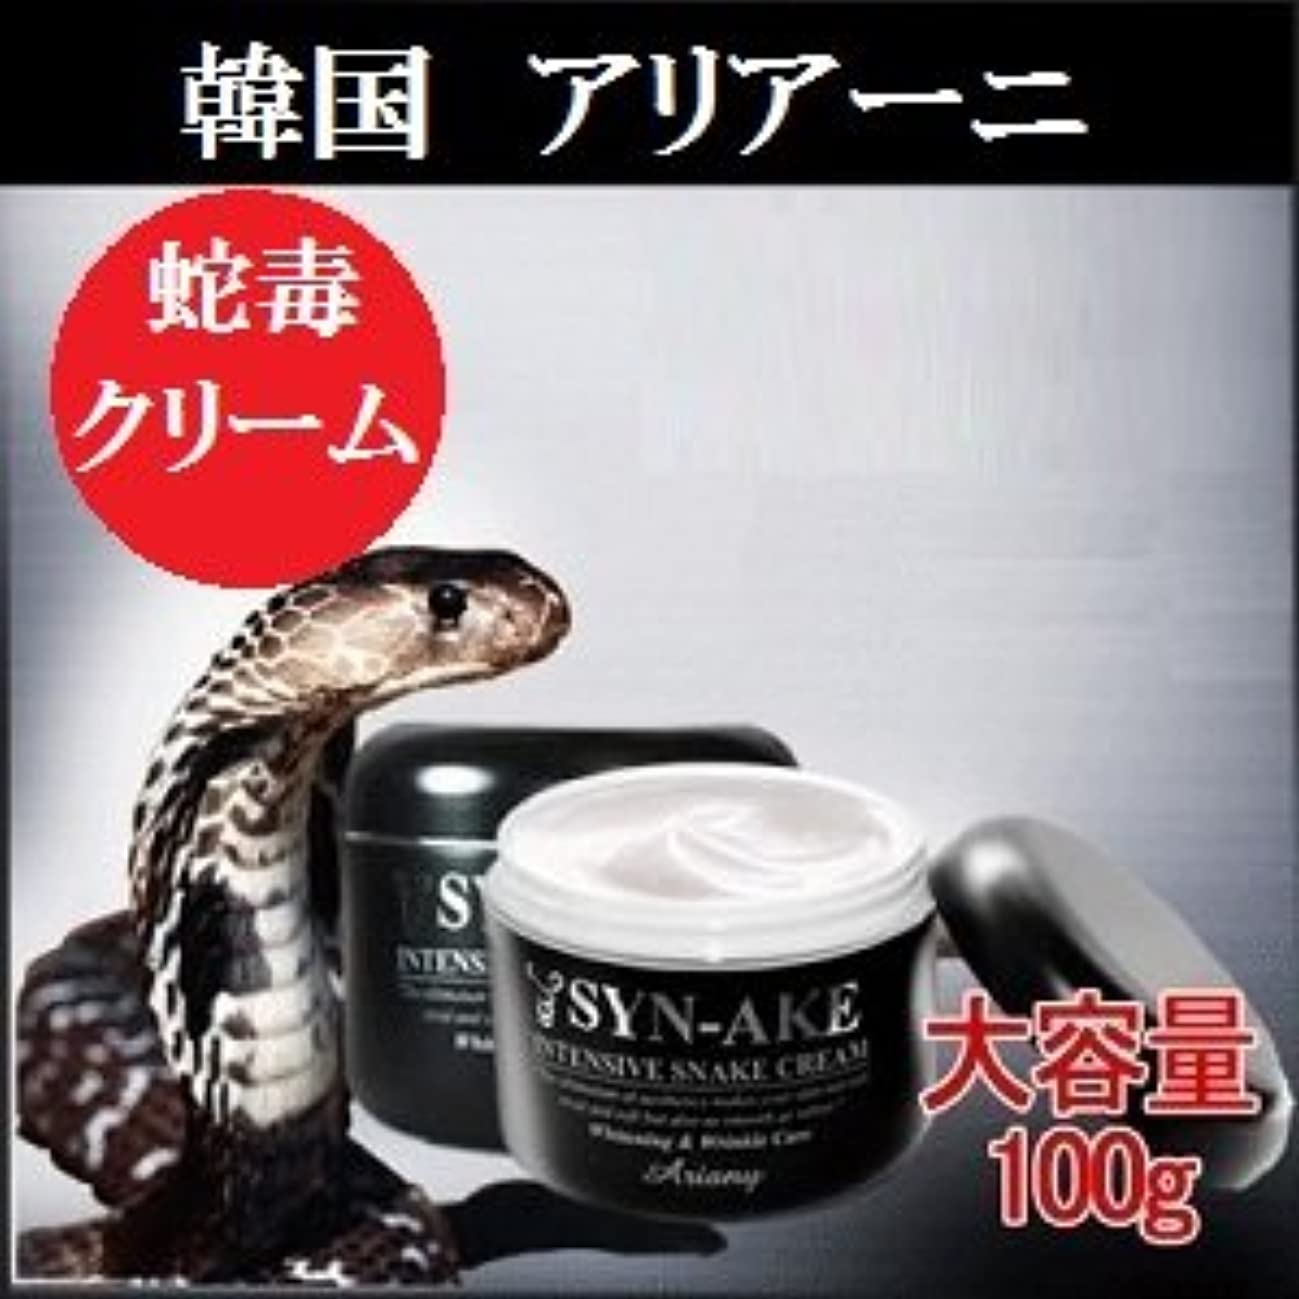 戸口ましい存在する韓国アリアー二 (Ariany) シンエイク 毒蛇クリーム